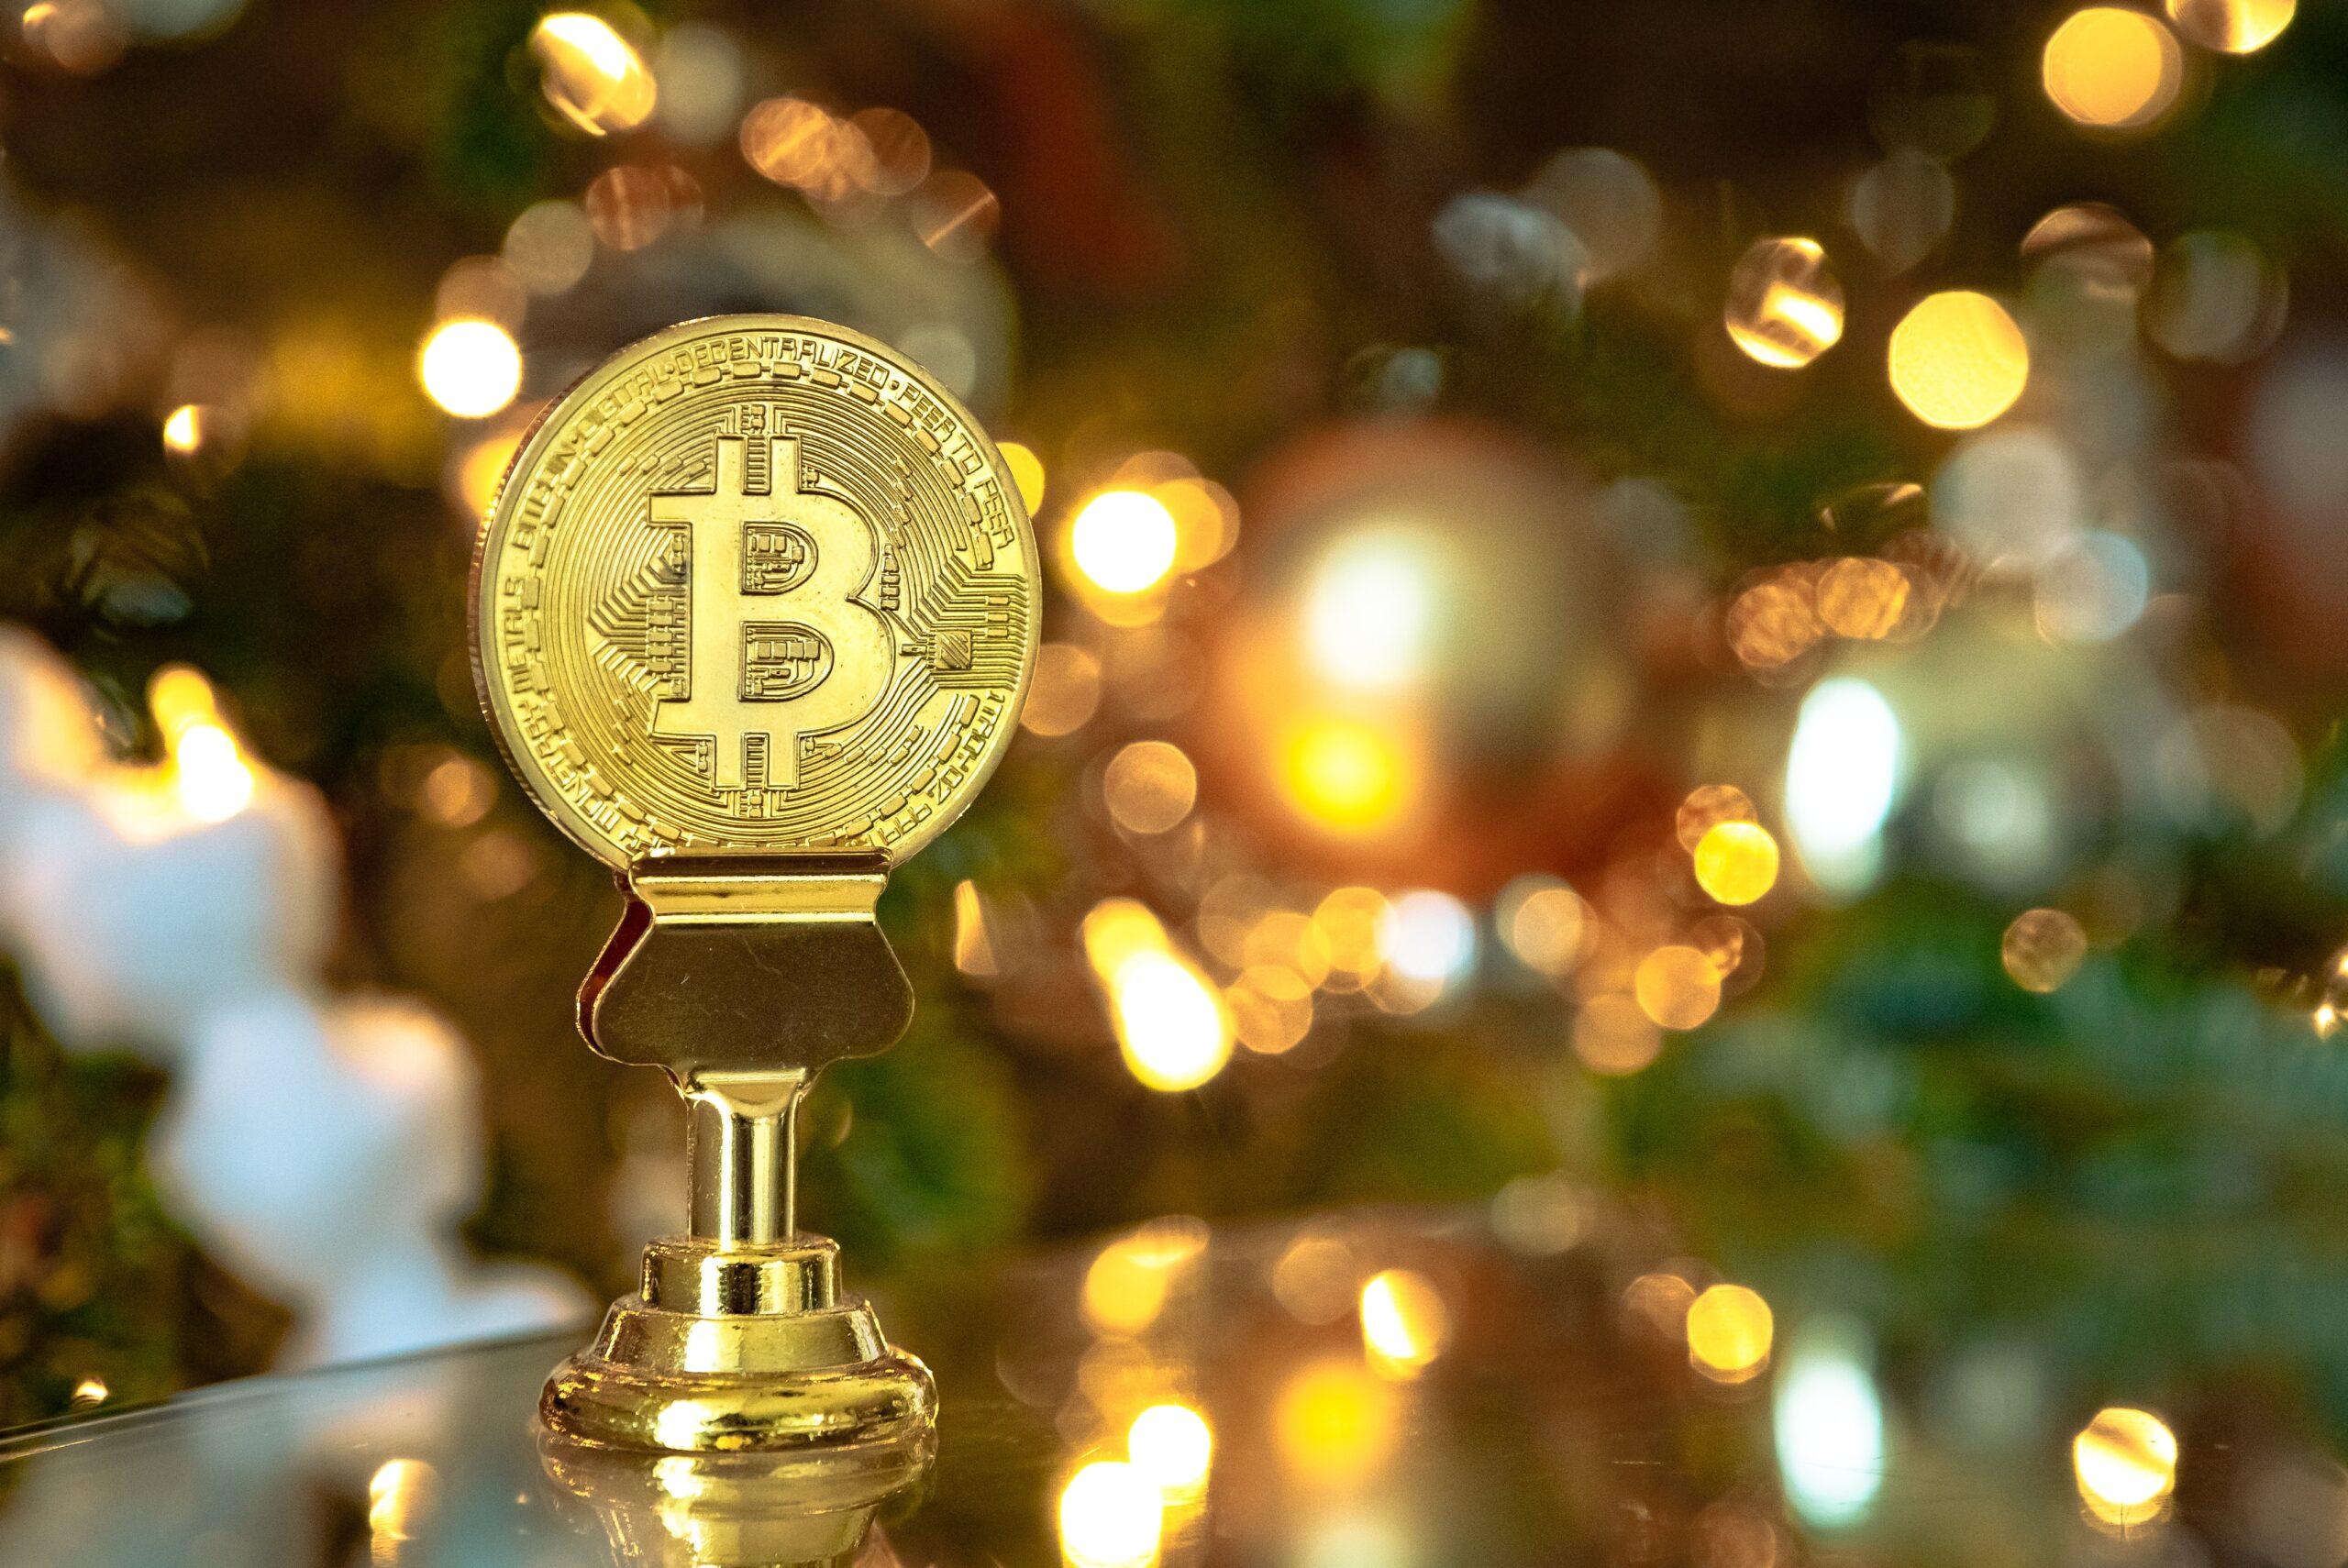 マイクロストラテジーのビットコイン愛がすごい!9億ドルの追加投資